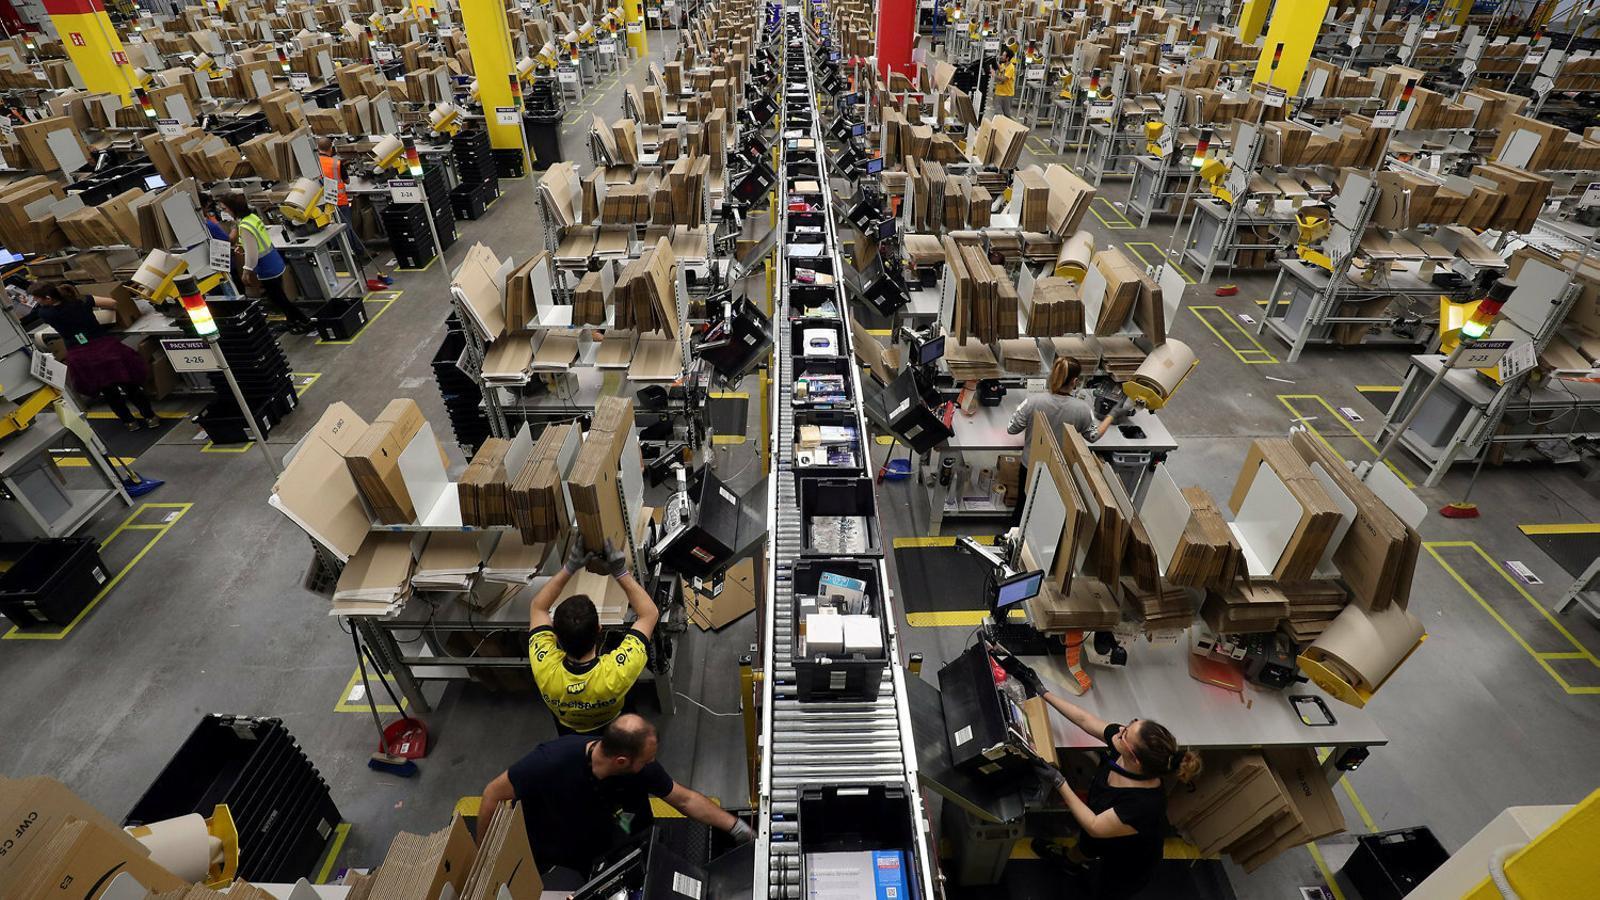 L'augment de la demanda ha obligat fins i tot a augmentar el nombre de treballadors en empreses com Amazon.